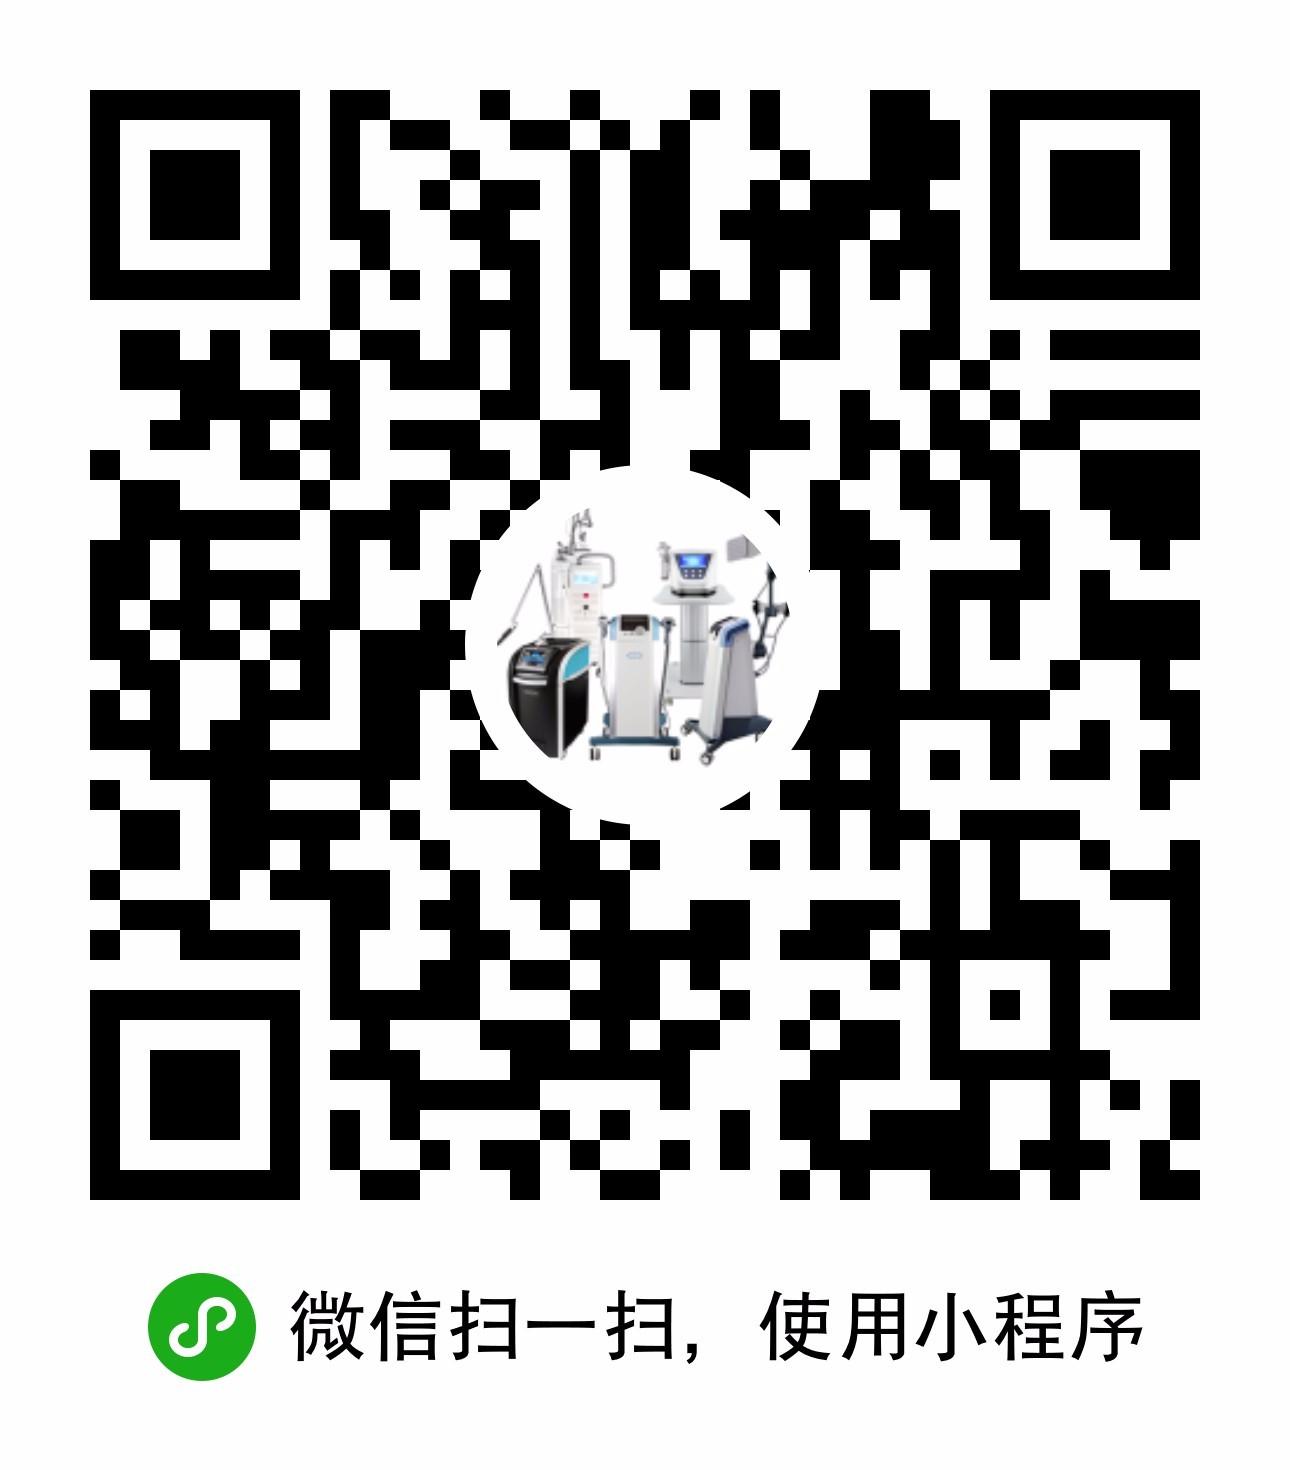 广州汇博美容仪器制造商小程序二维码